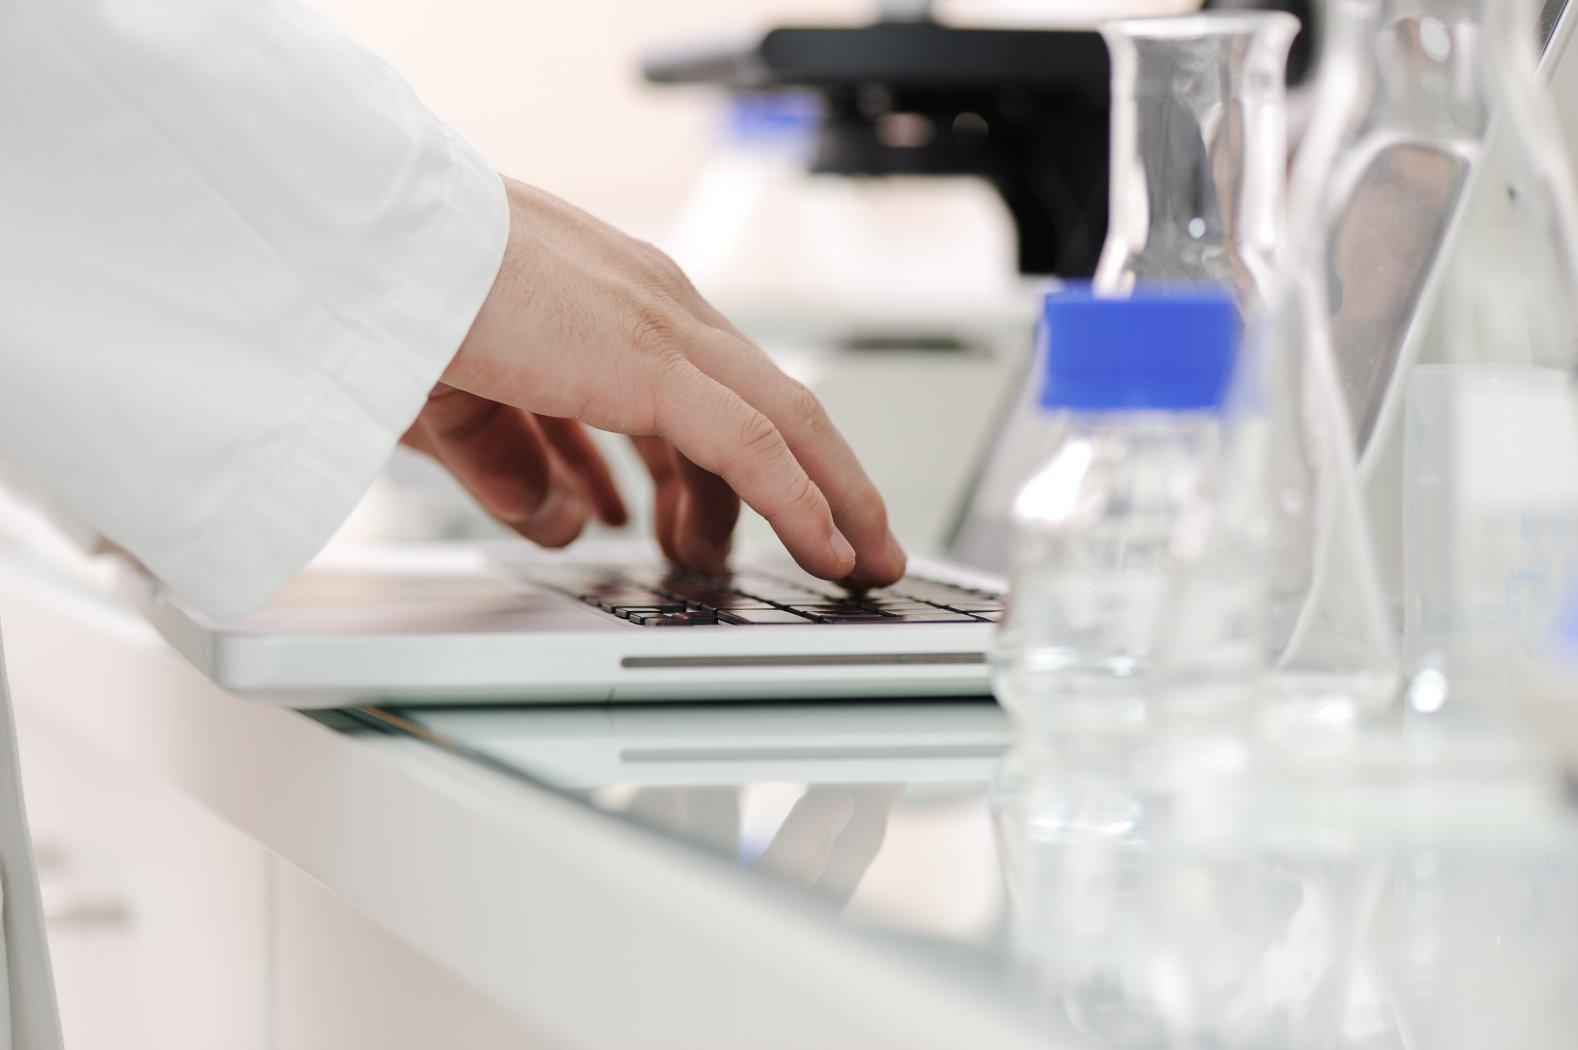 Gelre ziekenhuizen organiseert labaanvragen digitaal